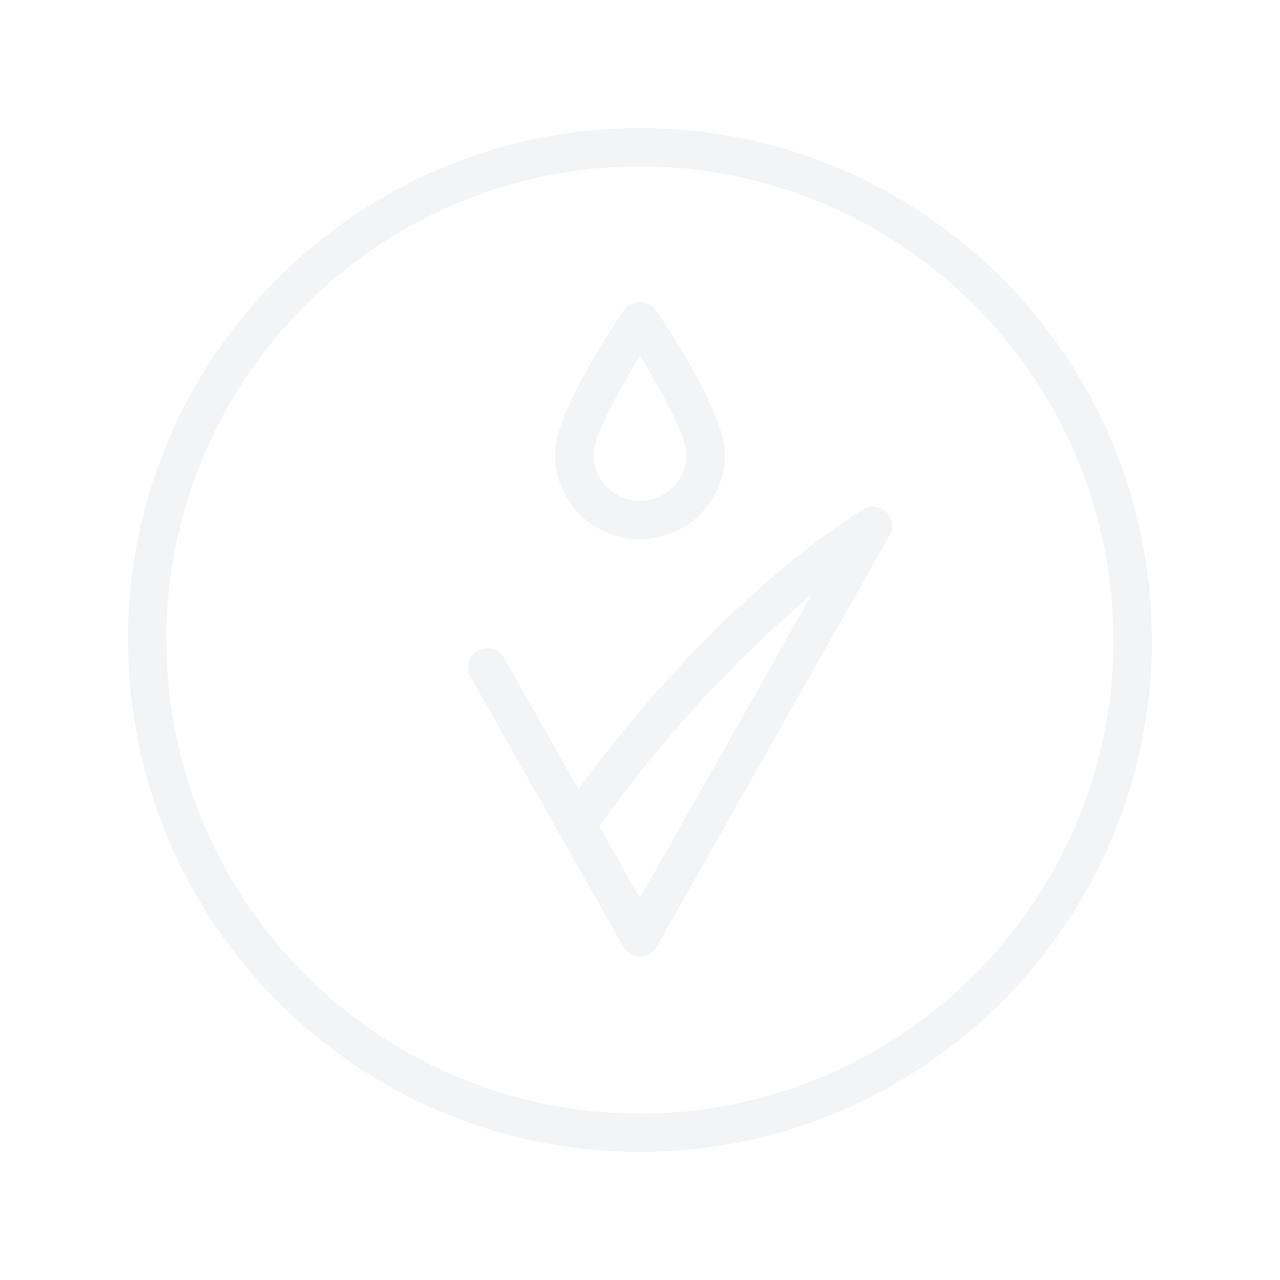 Elizabeth Arden 8 Hour Hand Cream 30ml